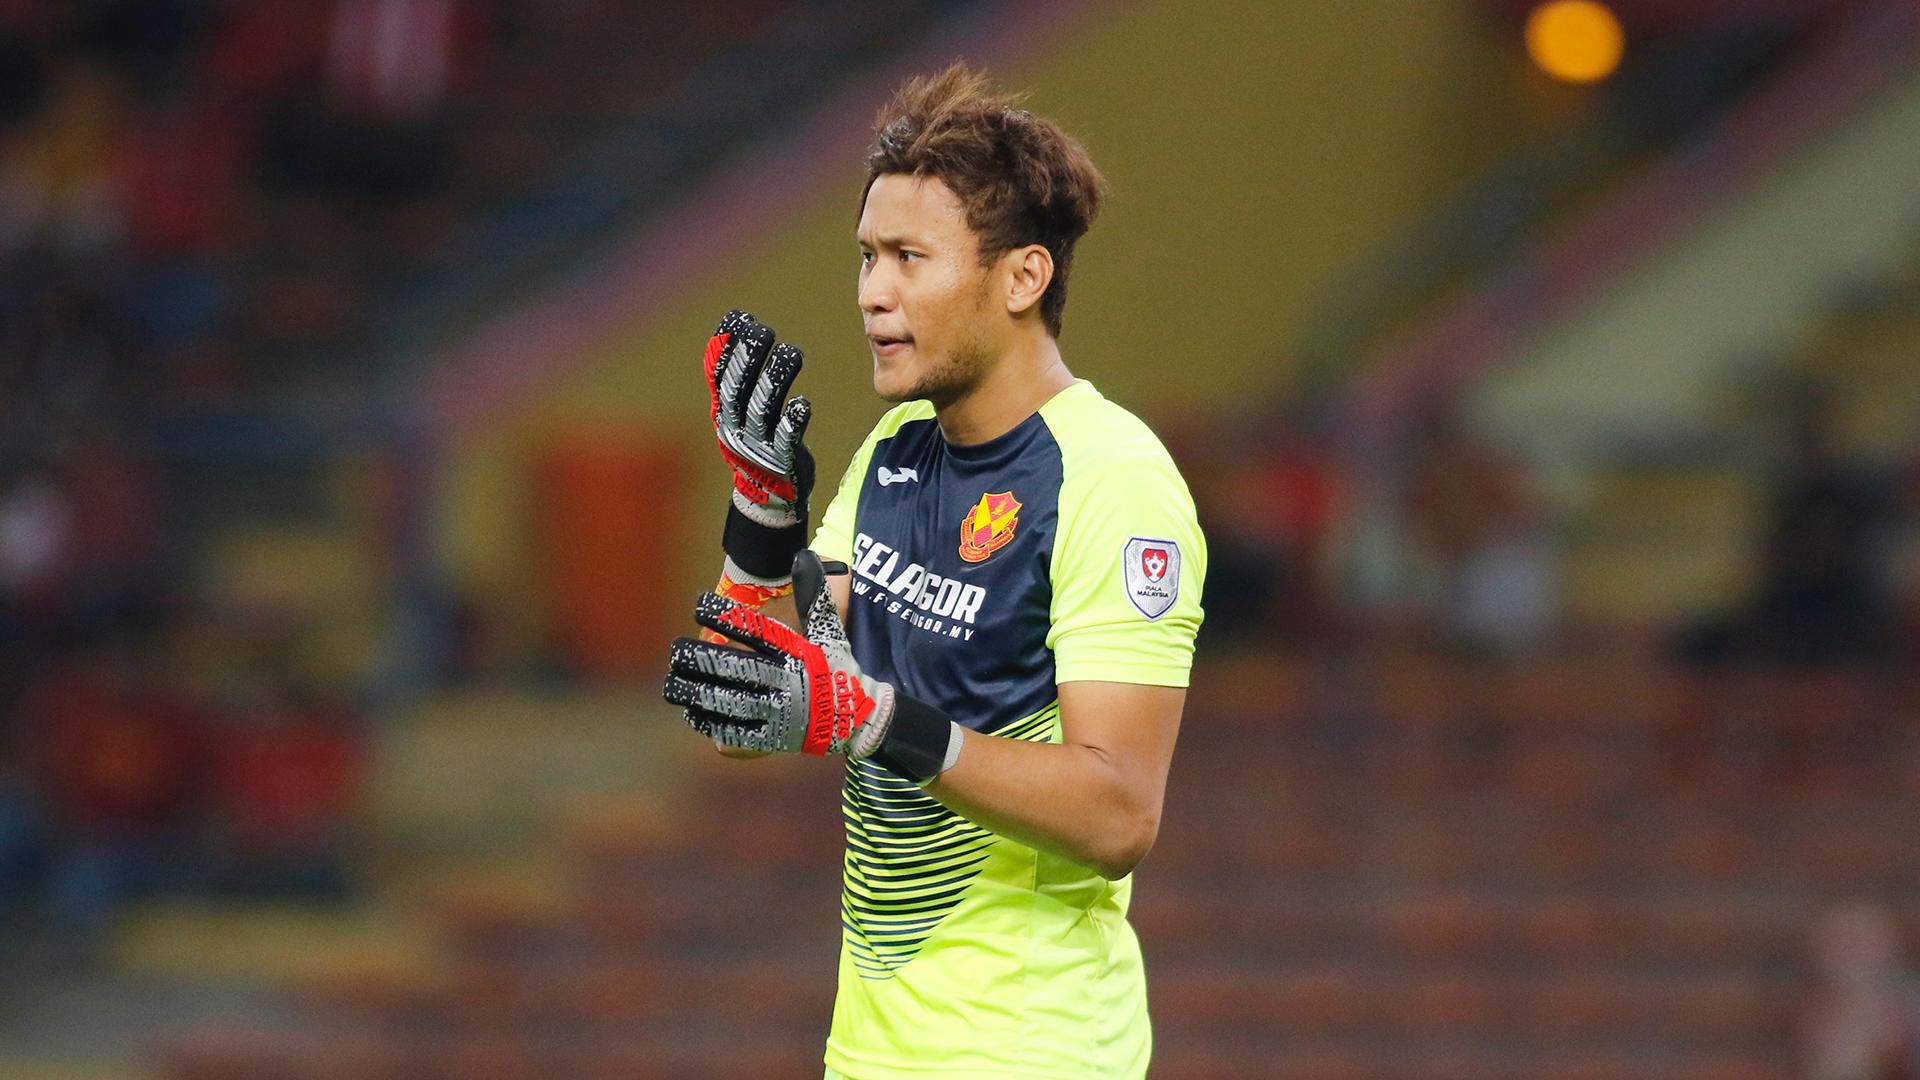 Khairulazhan Khalid, Selangor, Malaysia Cup, 14092019